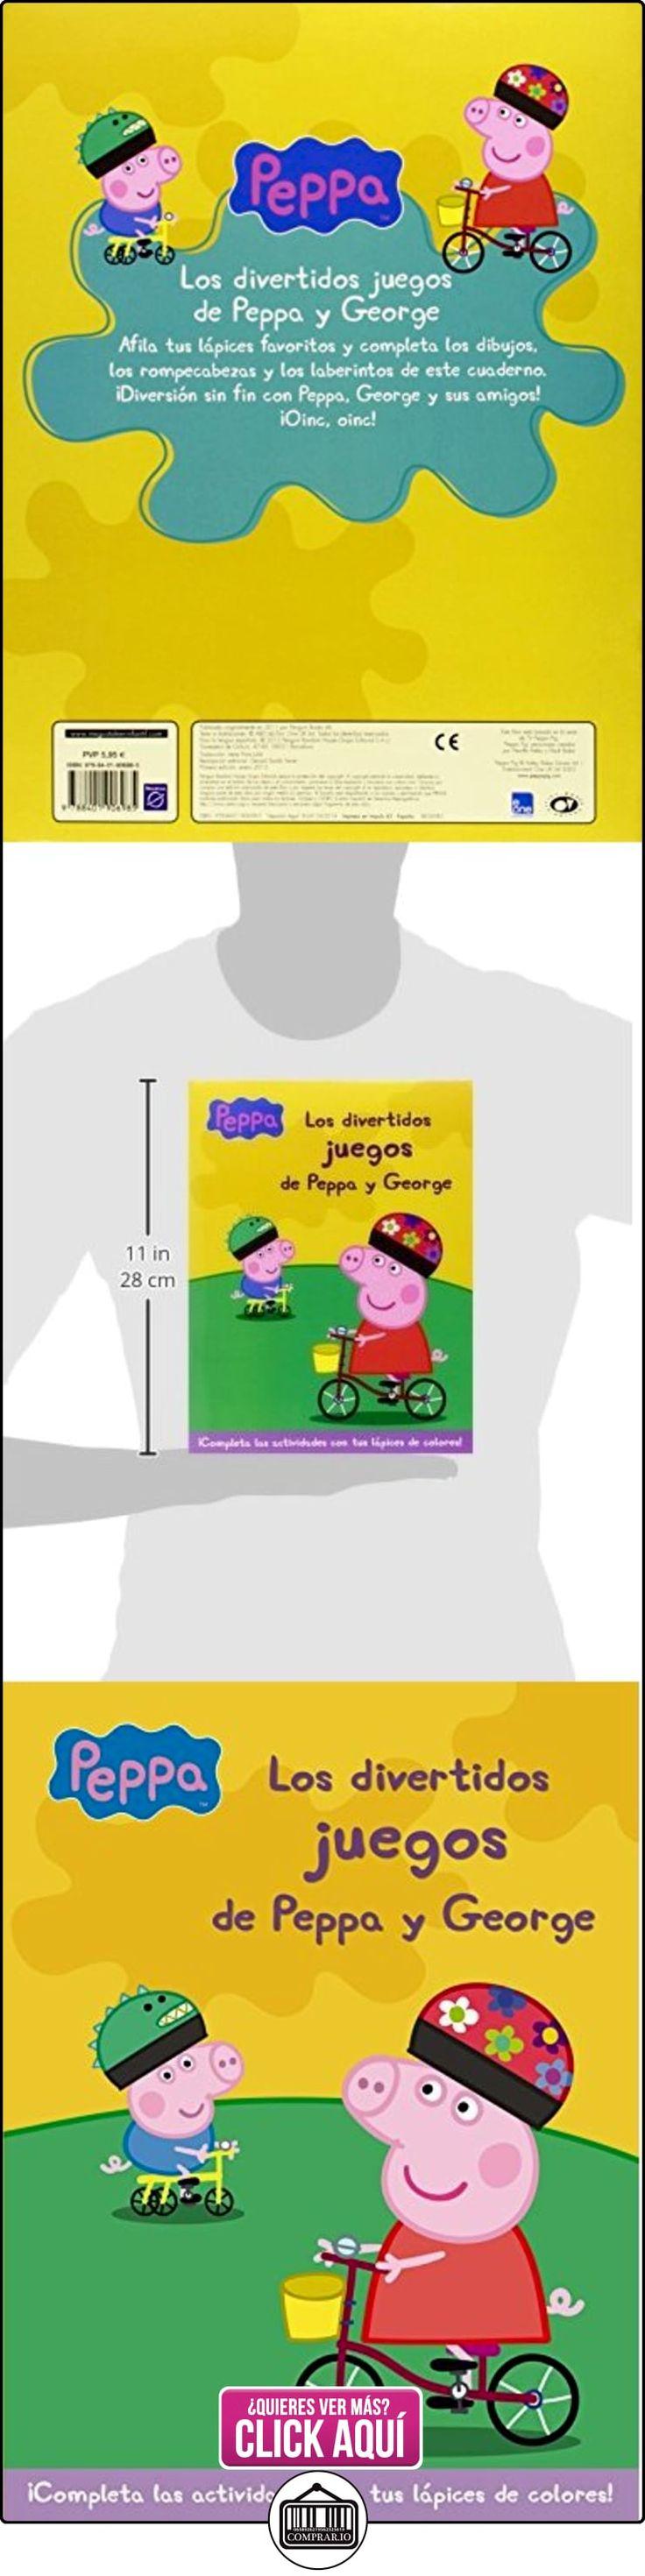 Peppa Pig. Los Divertidos Juegos De Peppa Y George VARIOS AUTORES ✿ Peppa Pig - Peppa La Cerdita ✿ ▬► Ver oferta: http://comprar.io/goto/8401906989